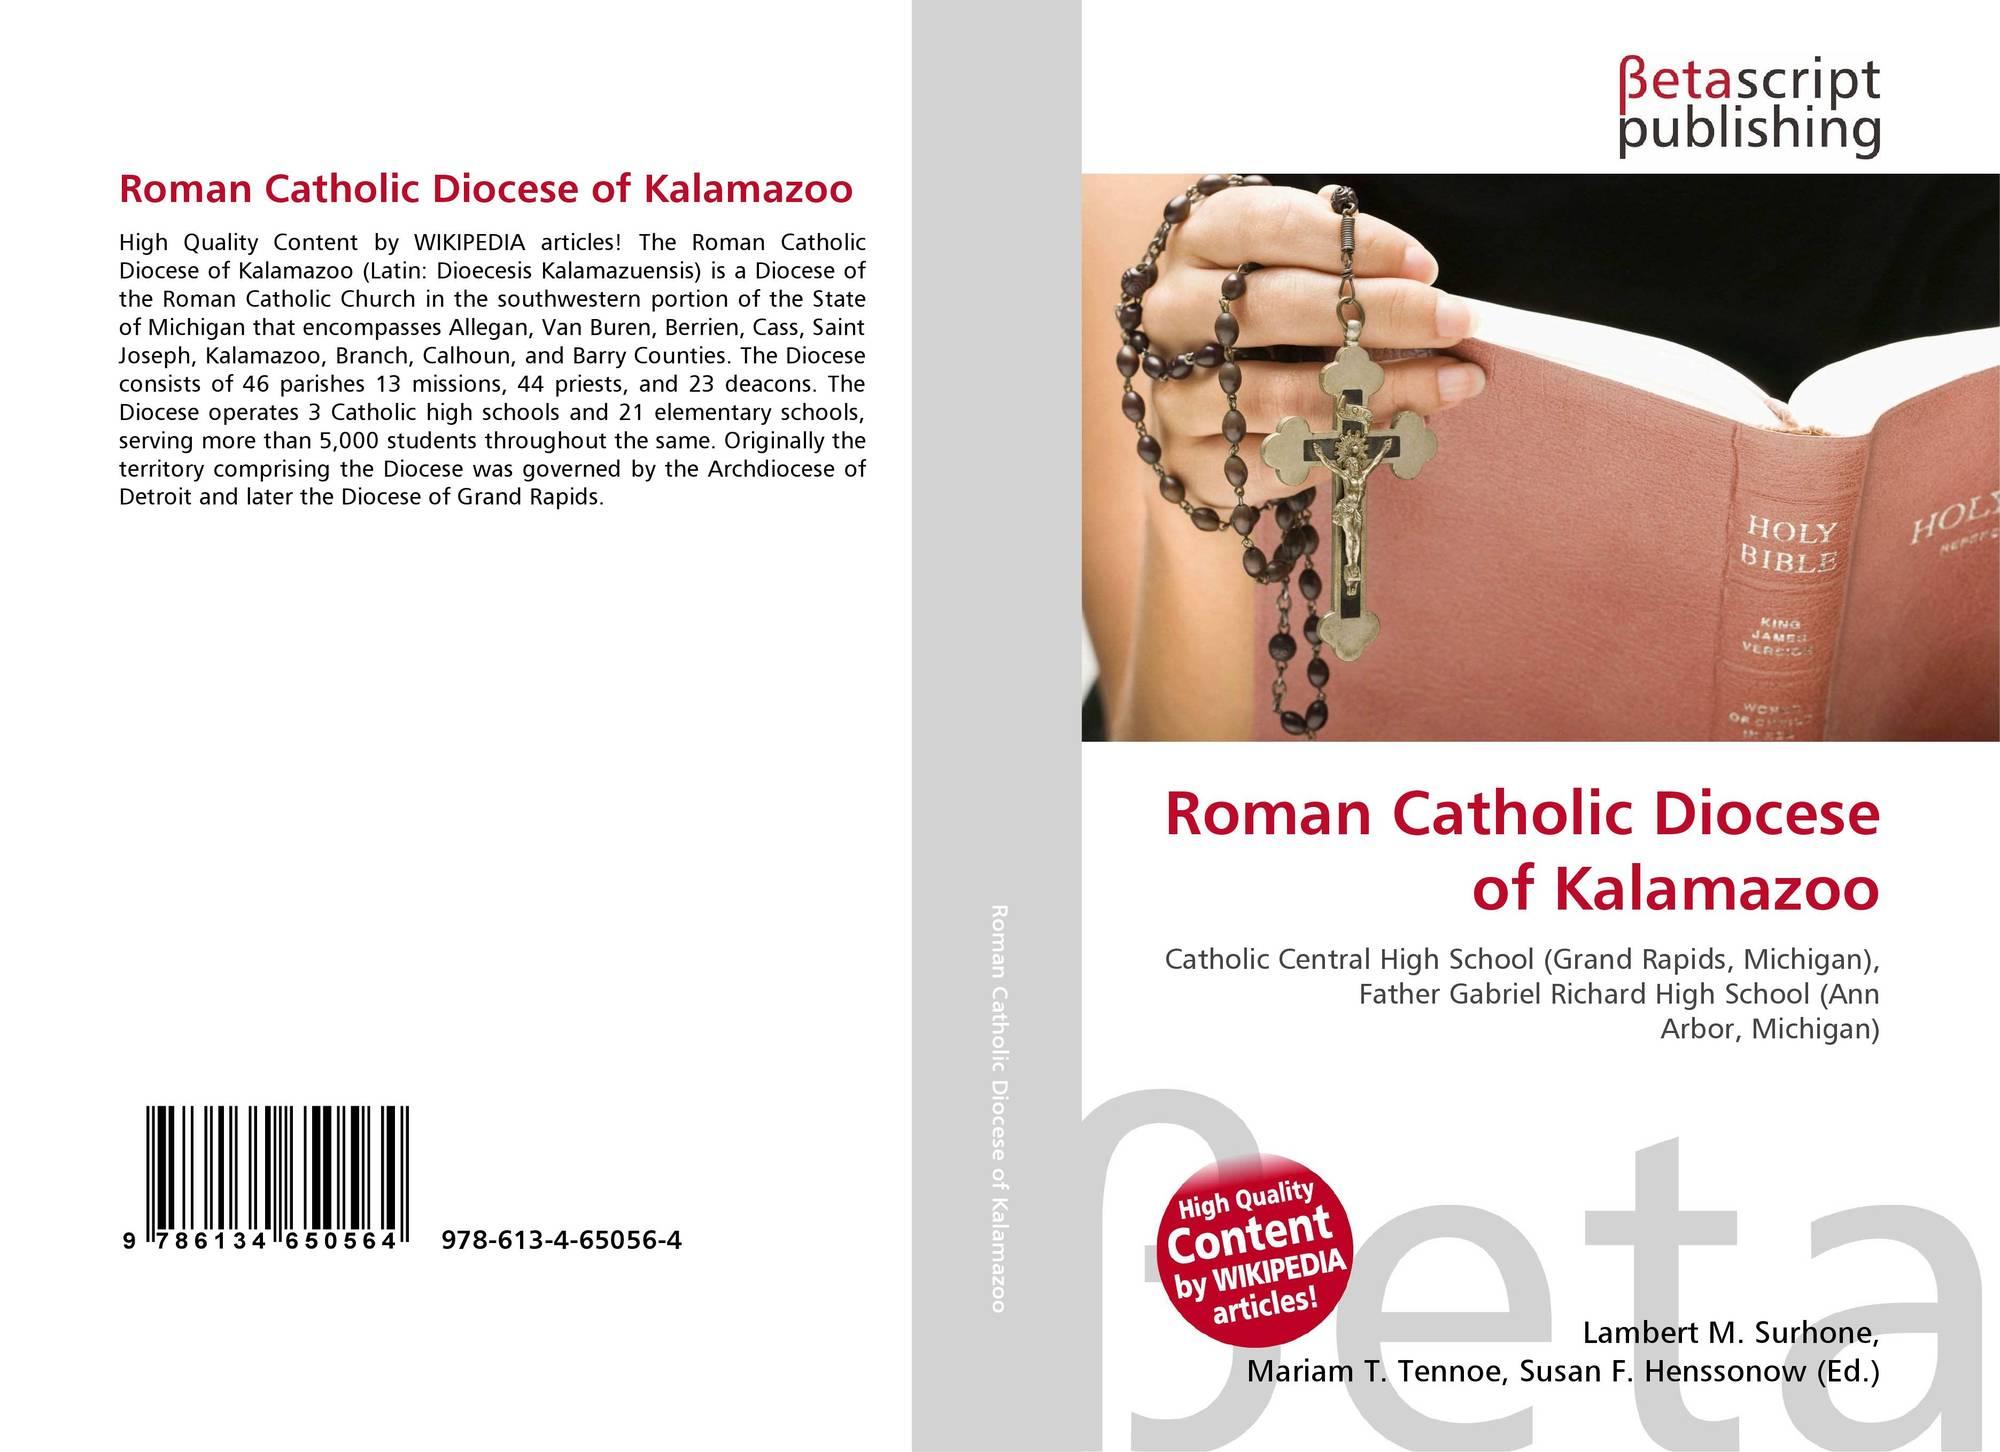 katholische Diözese von saginaw michigan